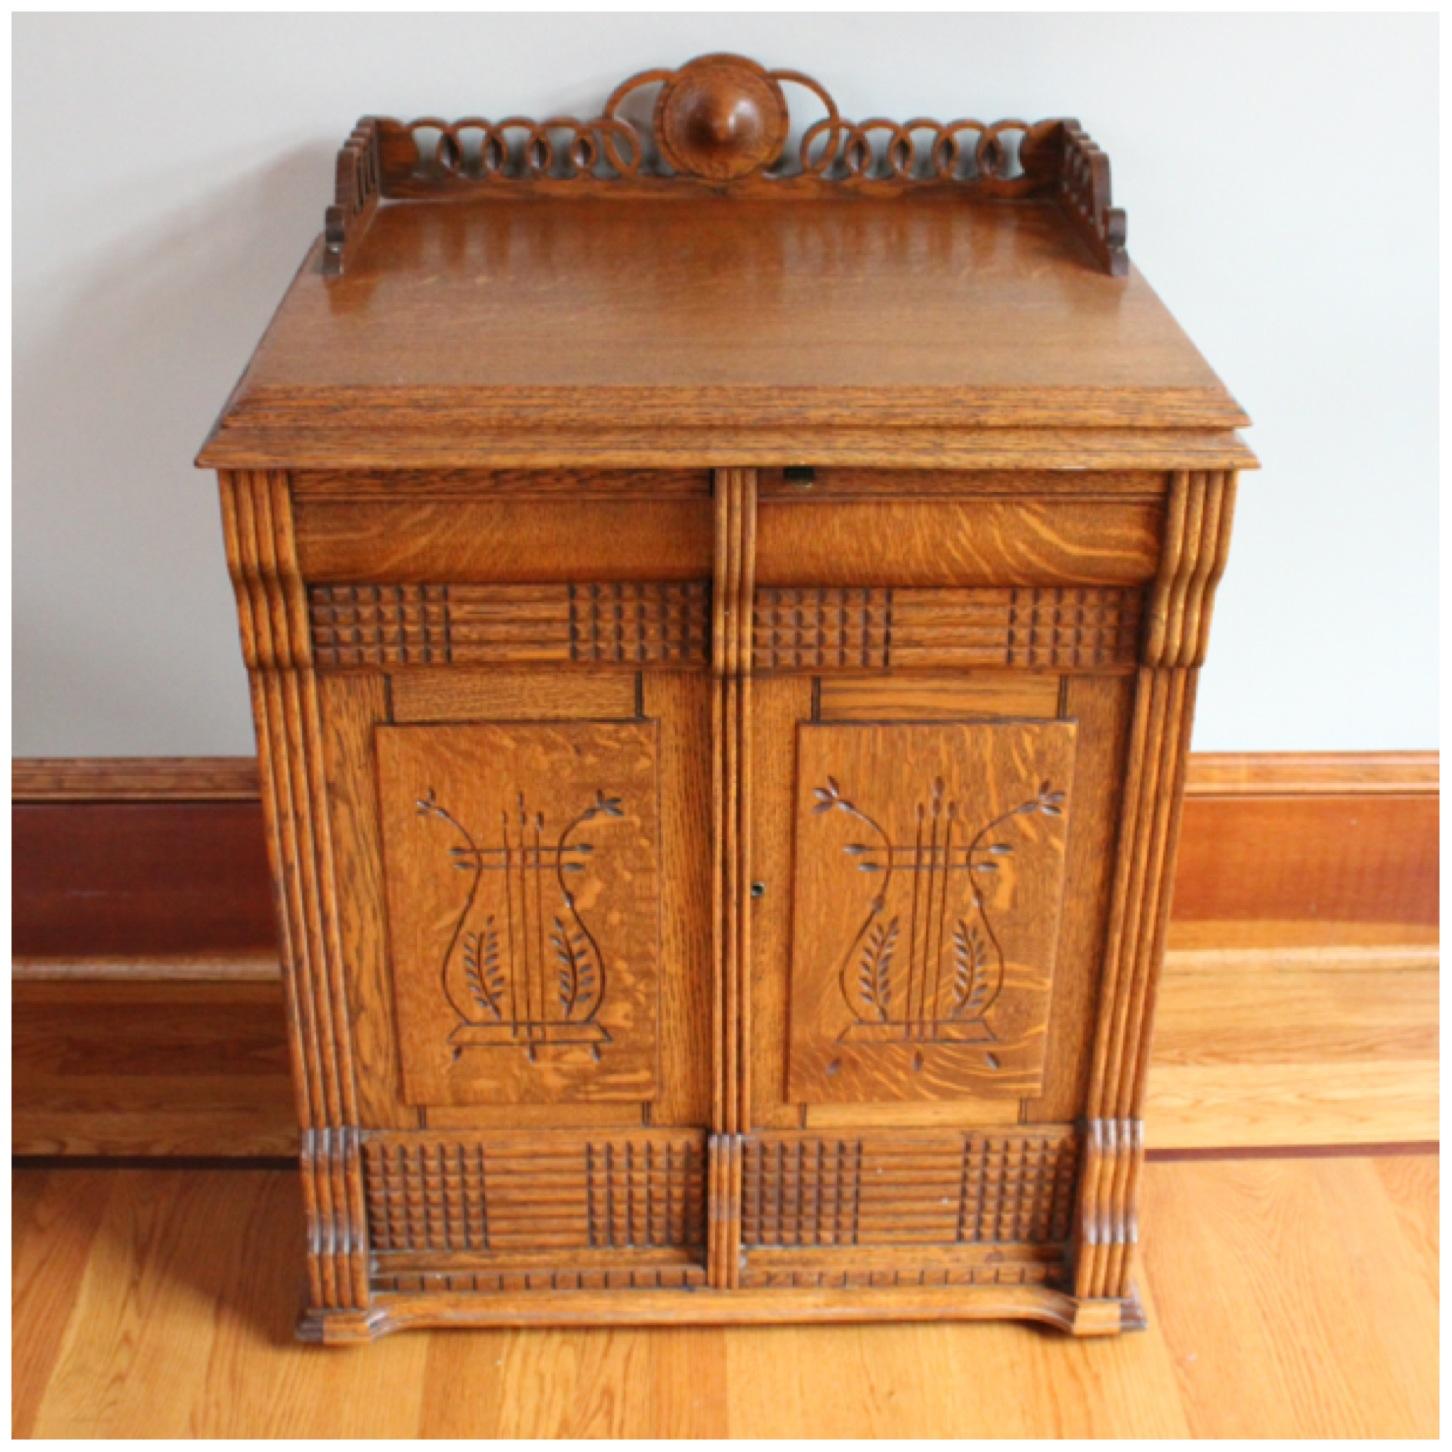 #F3140 Oak Cabinet - F3140 Oak Cabinet Bogart, Bremmer & Bradley Antiques